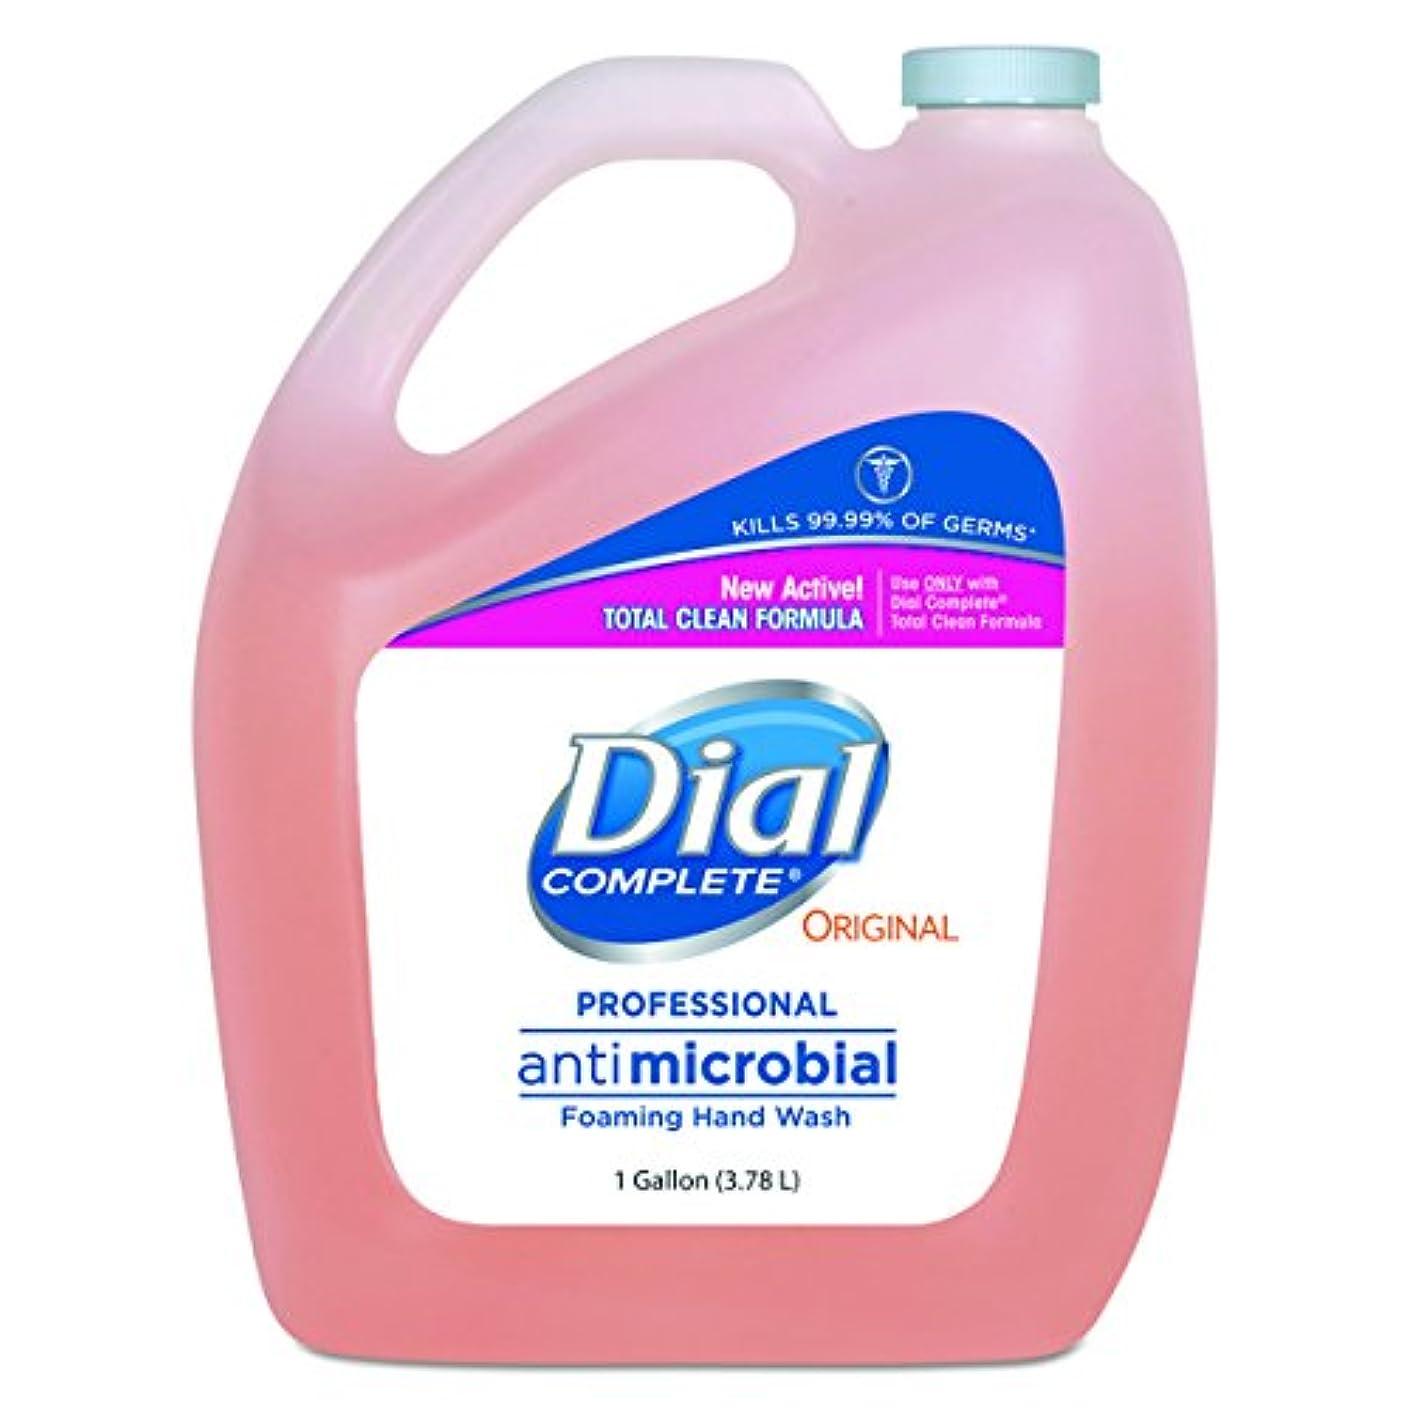 シリーズ経度男やもめダイヤルProfessional抗菌Foaming Hand Soap、元香り, 1 gal。、4 /カートン